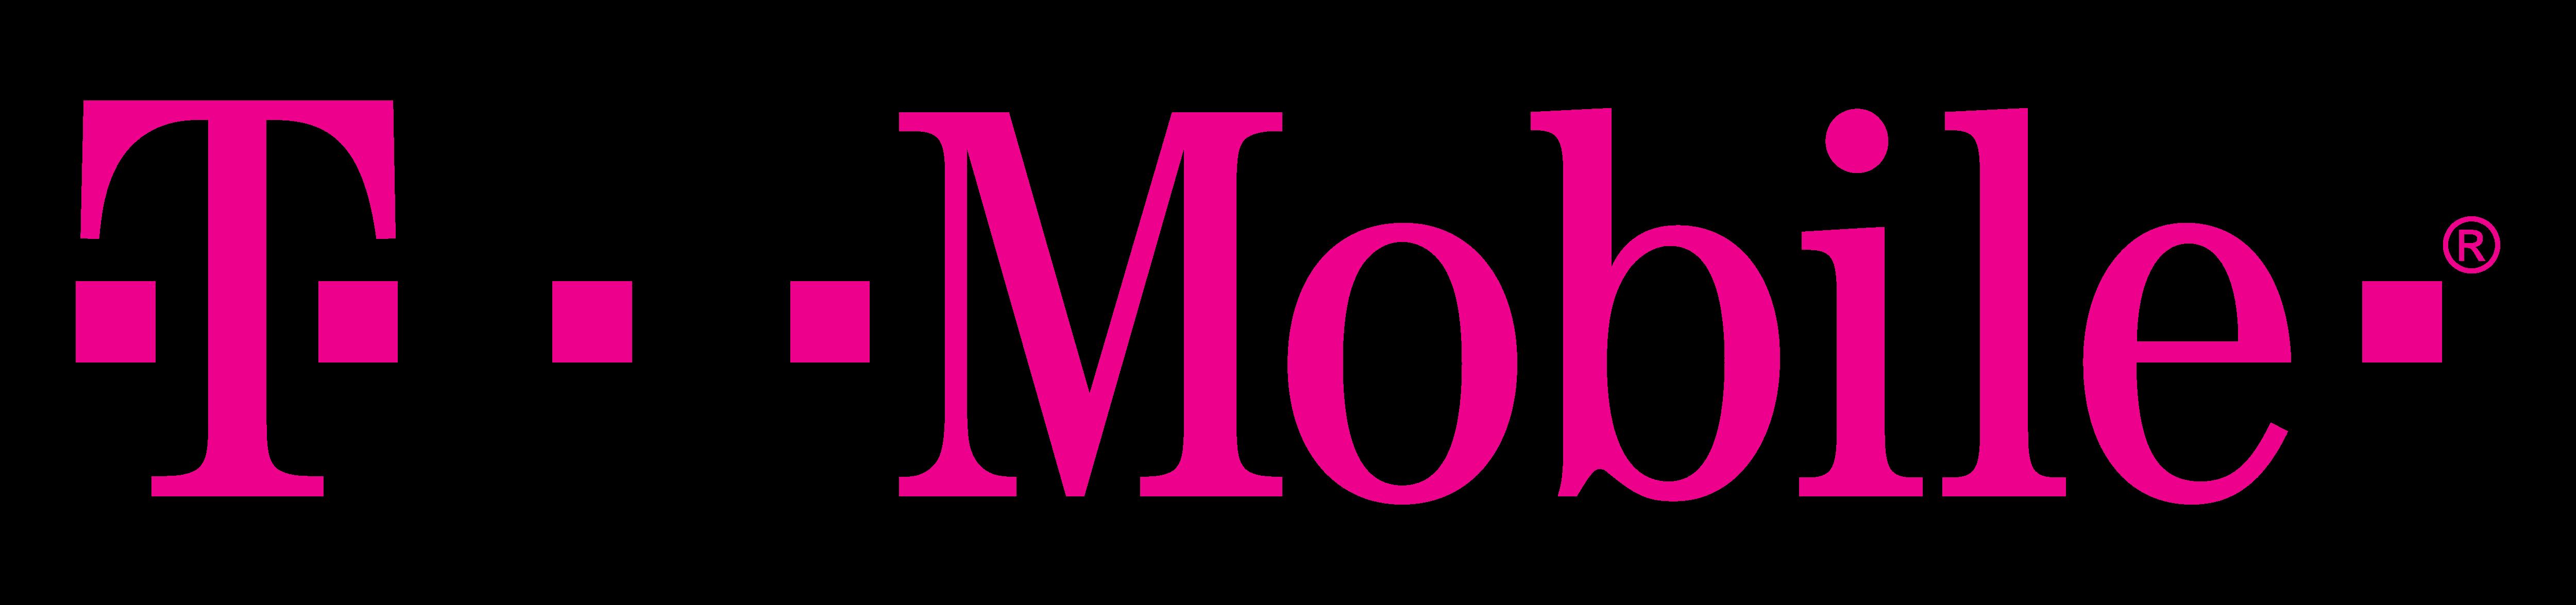 T-Mobile_logo_logotype_pink